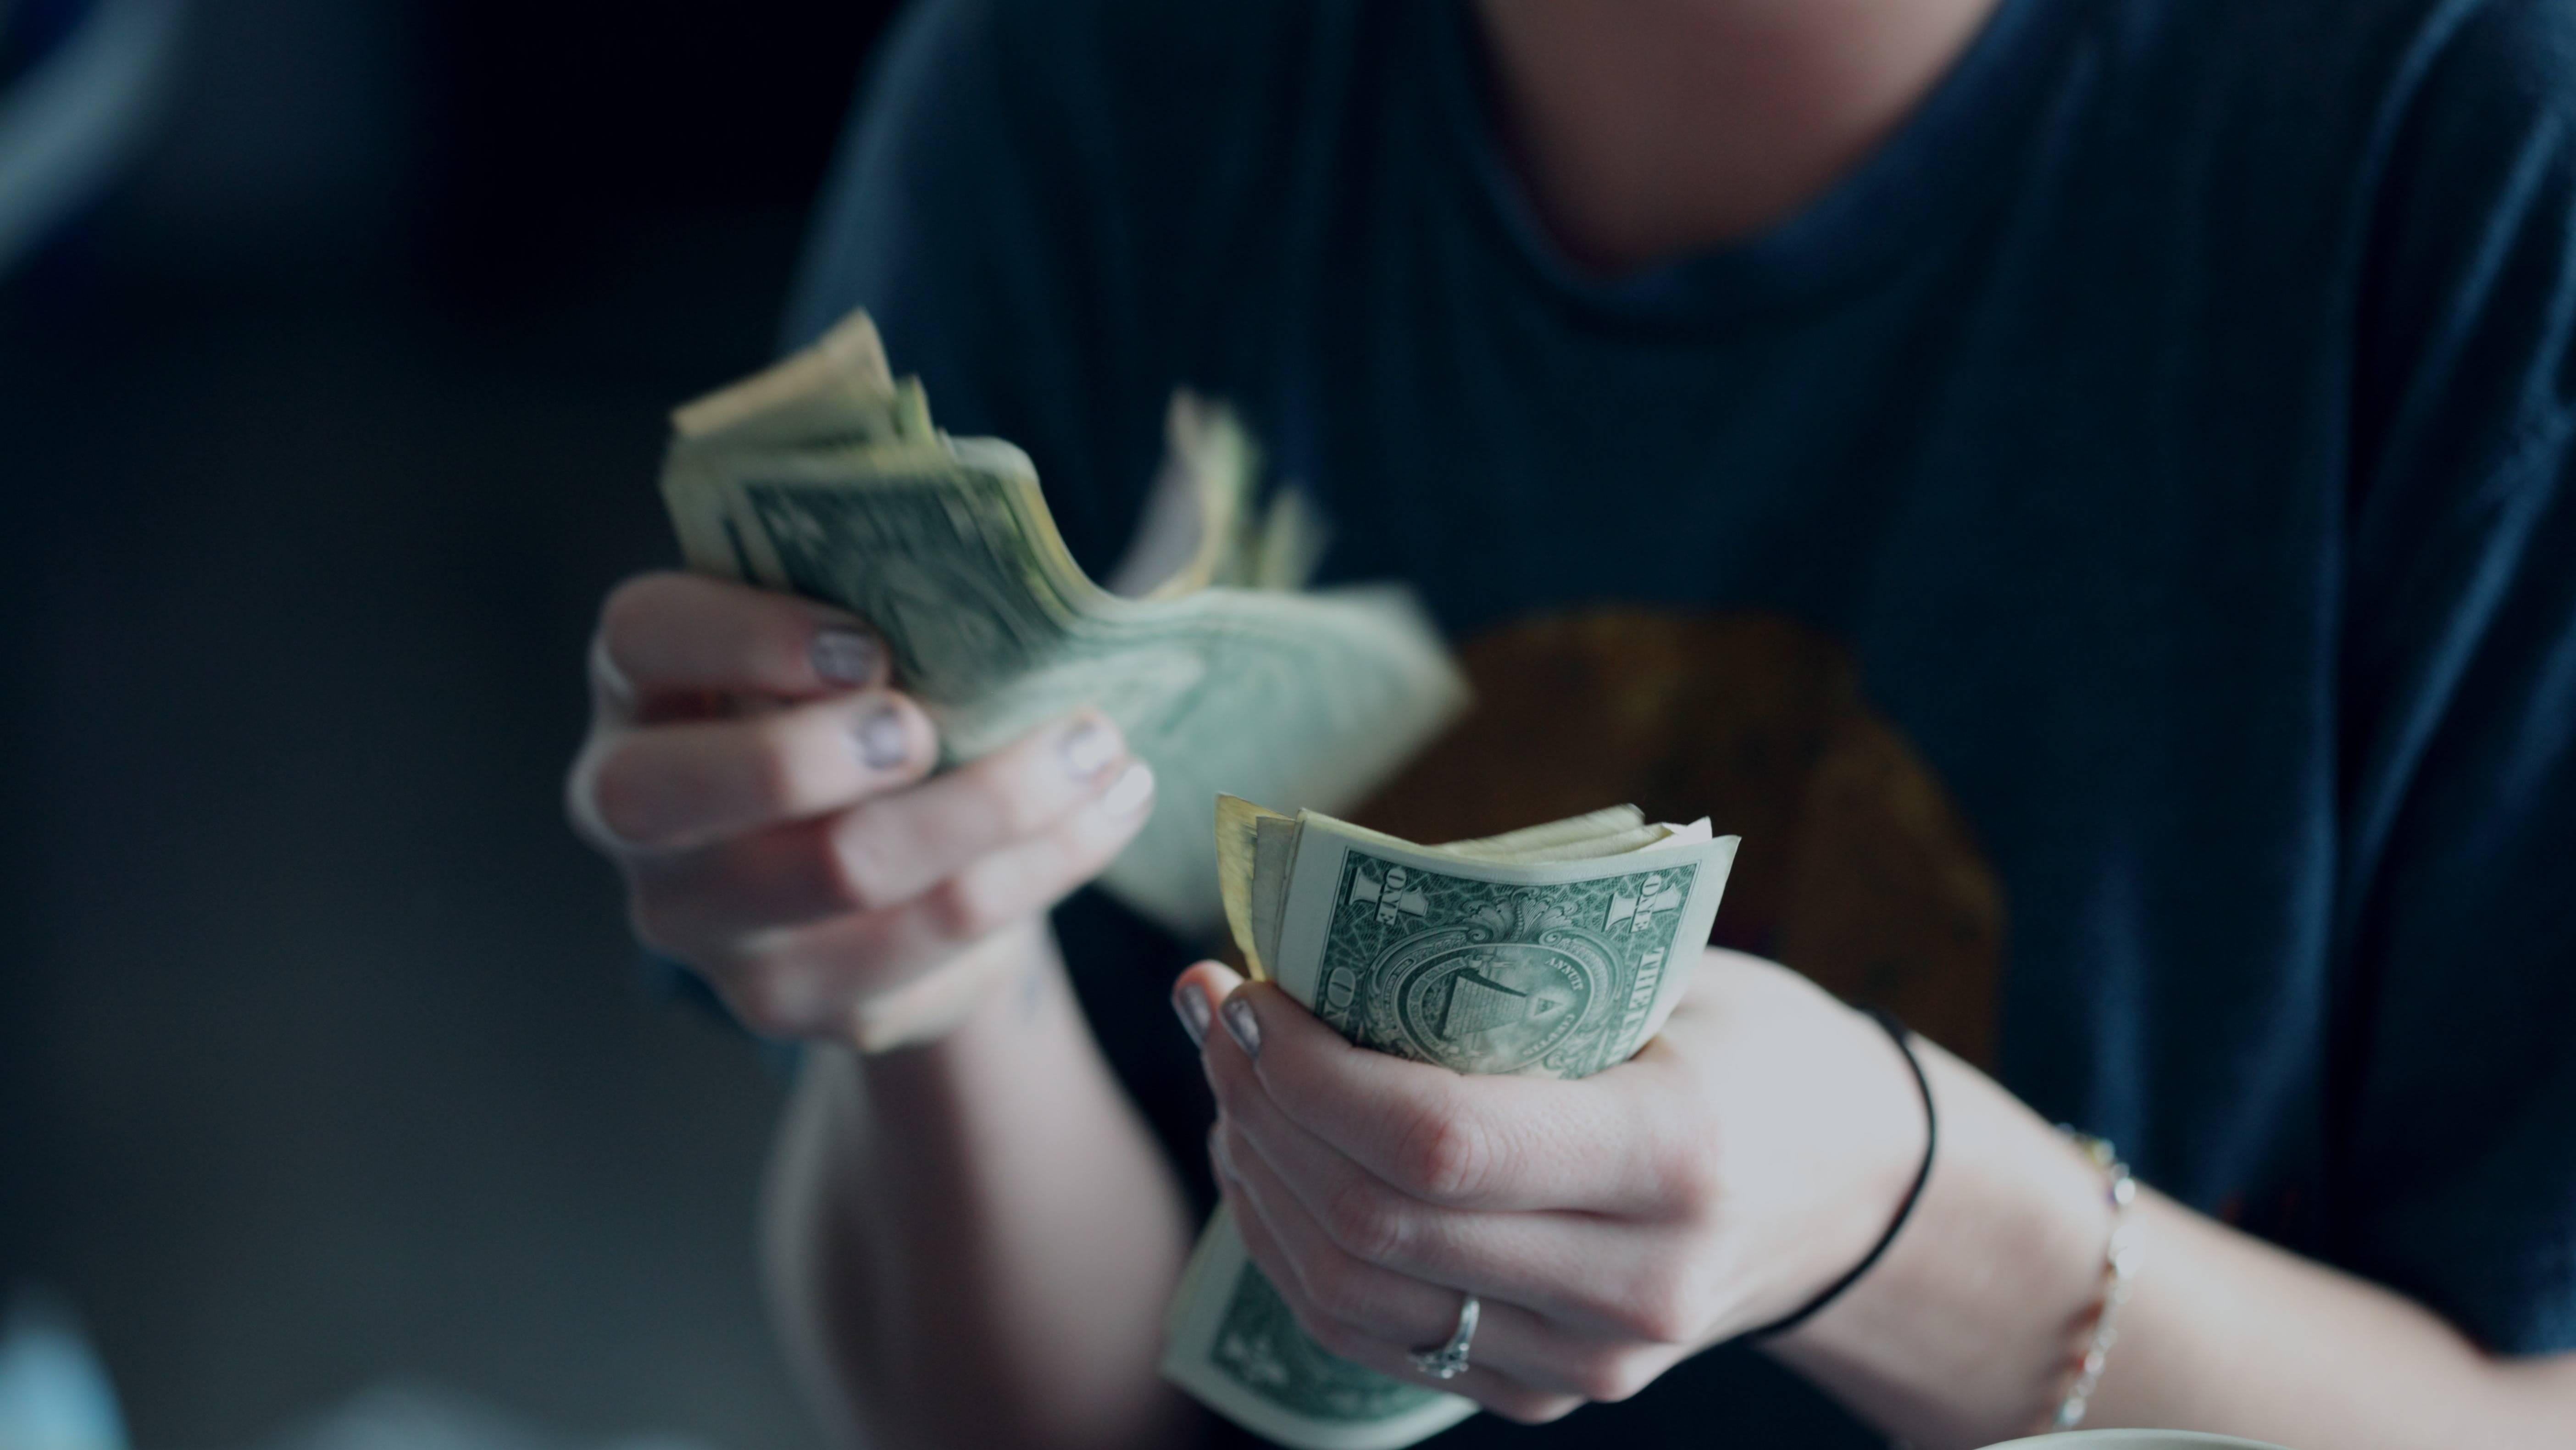 美国人也开始存钱了